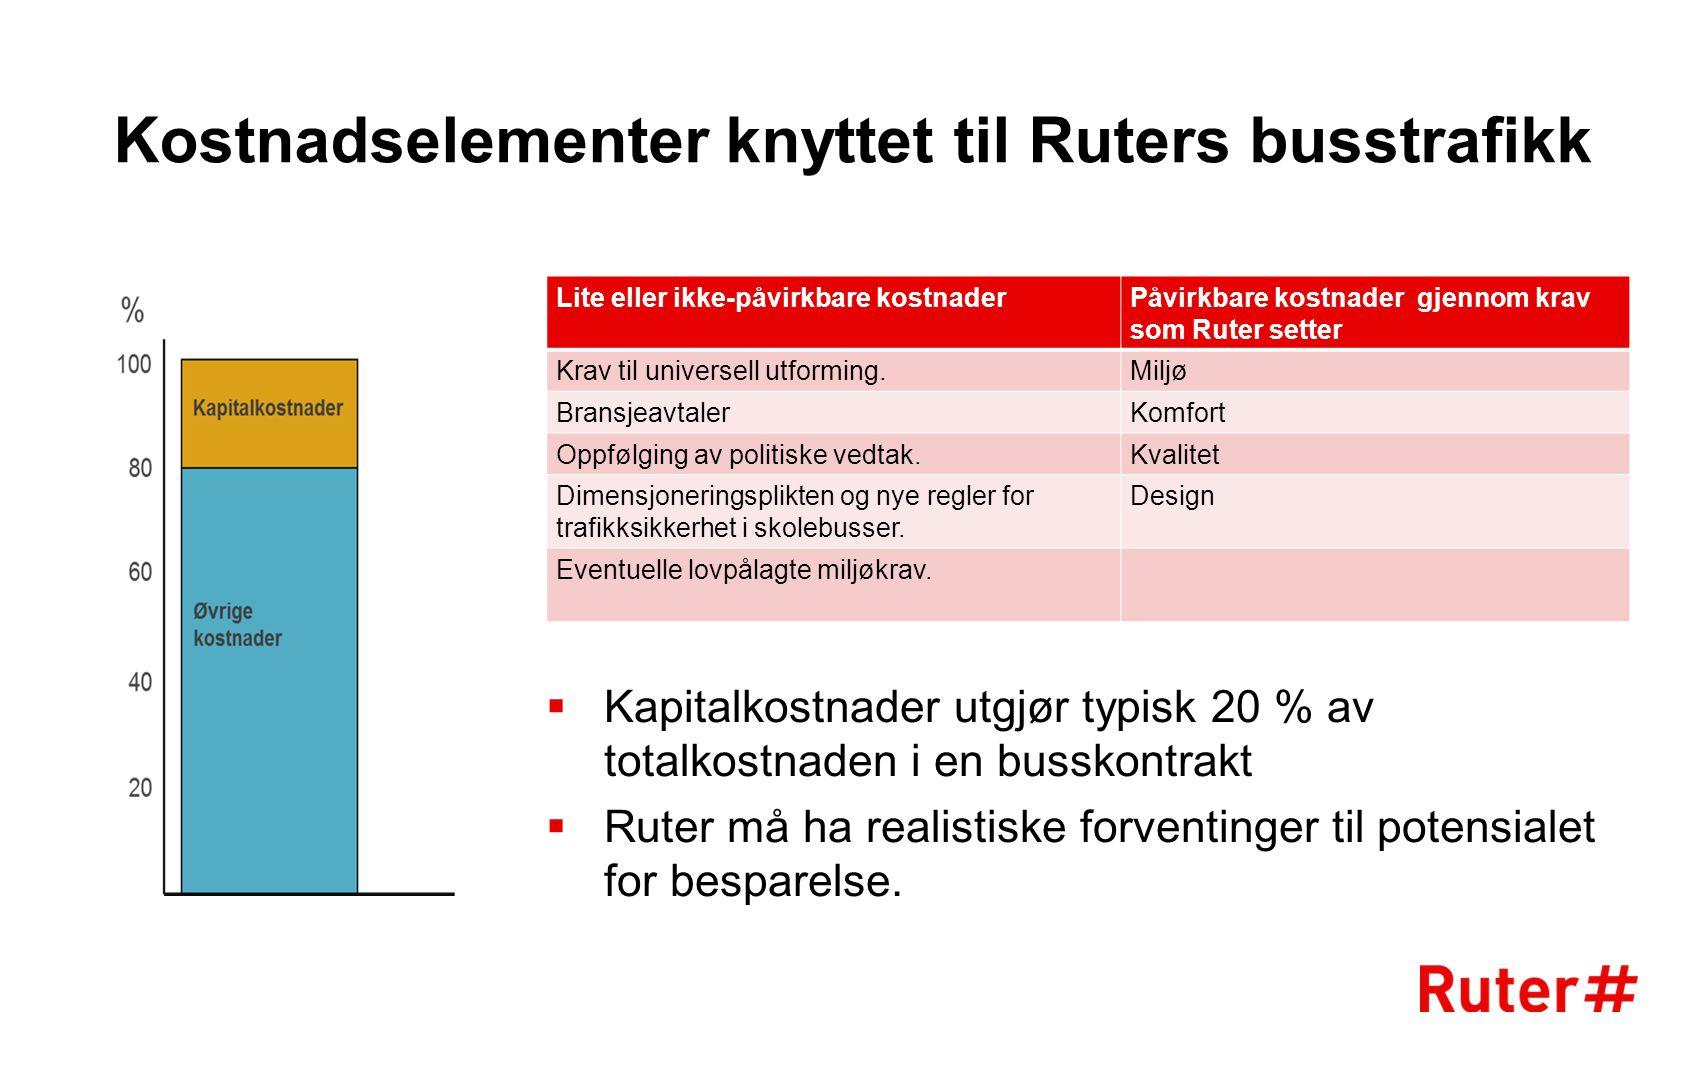 Kostnadselementer knyttet til Ruters busstrafikk